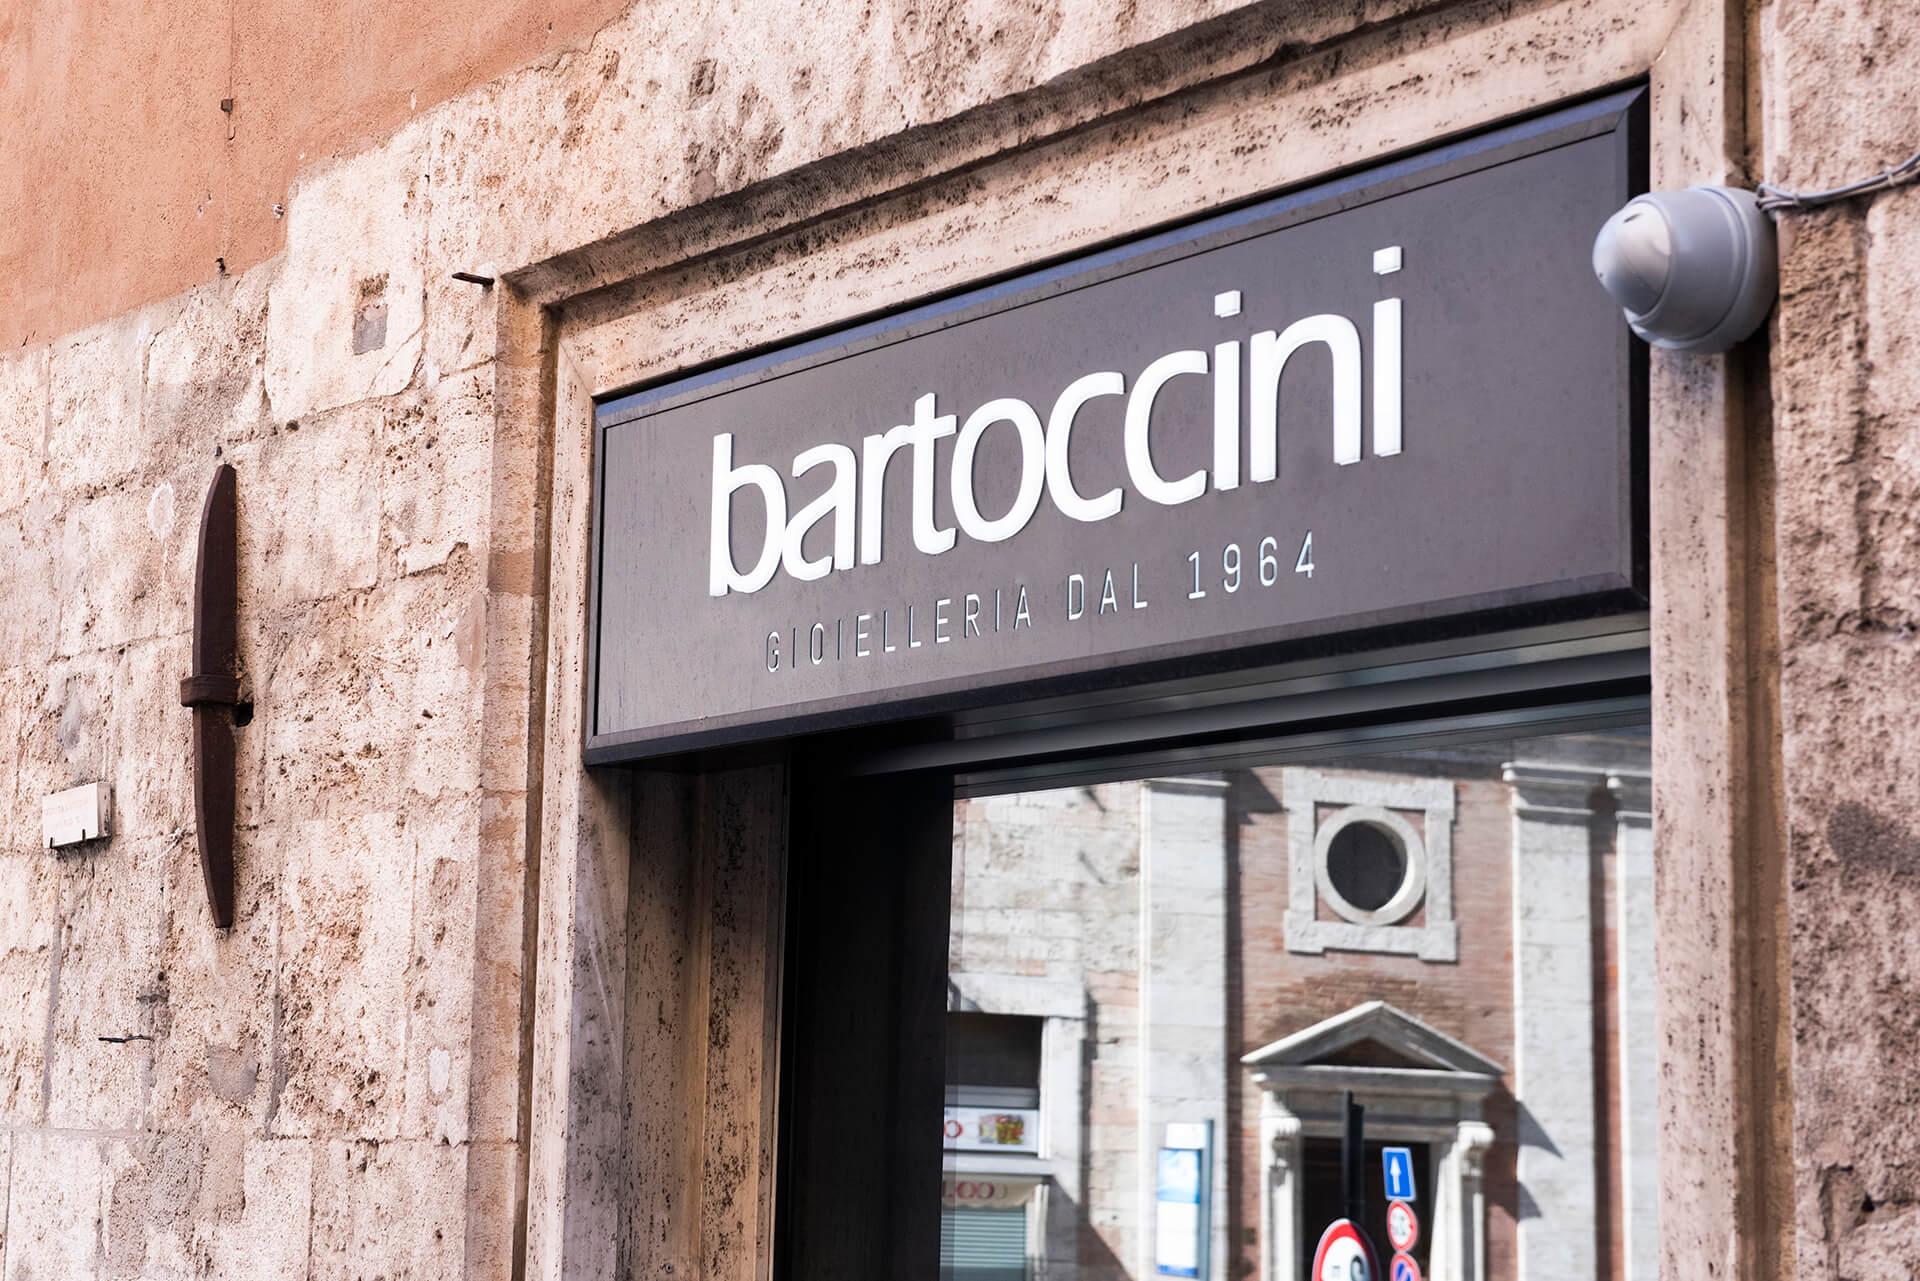 Allestimenti Grafox - Insegne&Outdoor - Bartoccini Gioielleria - Perugia